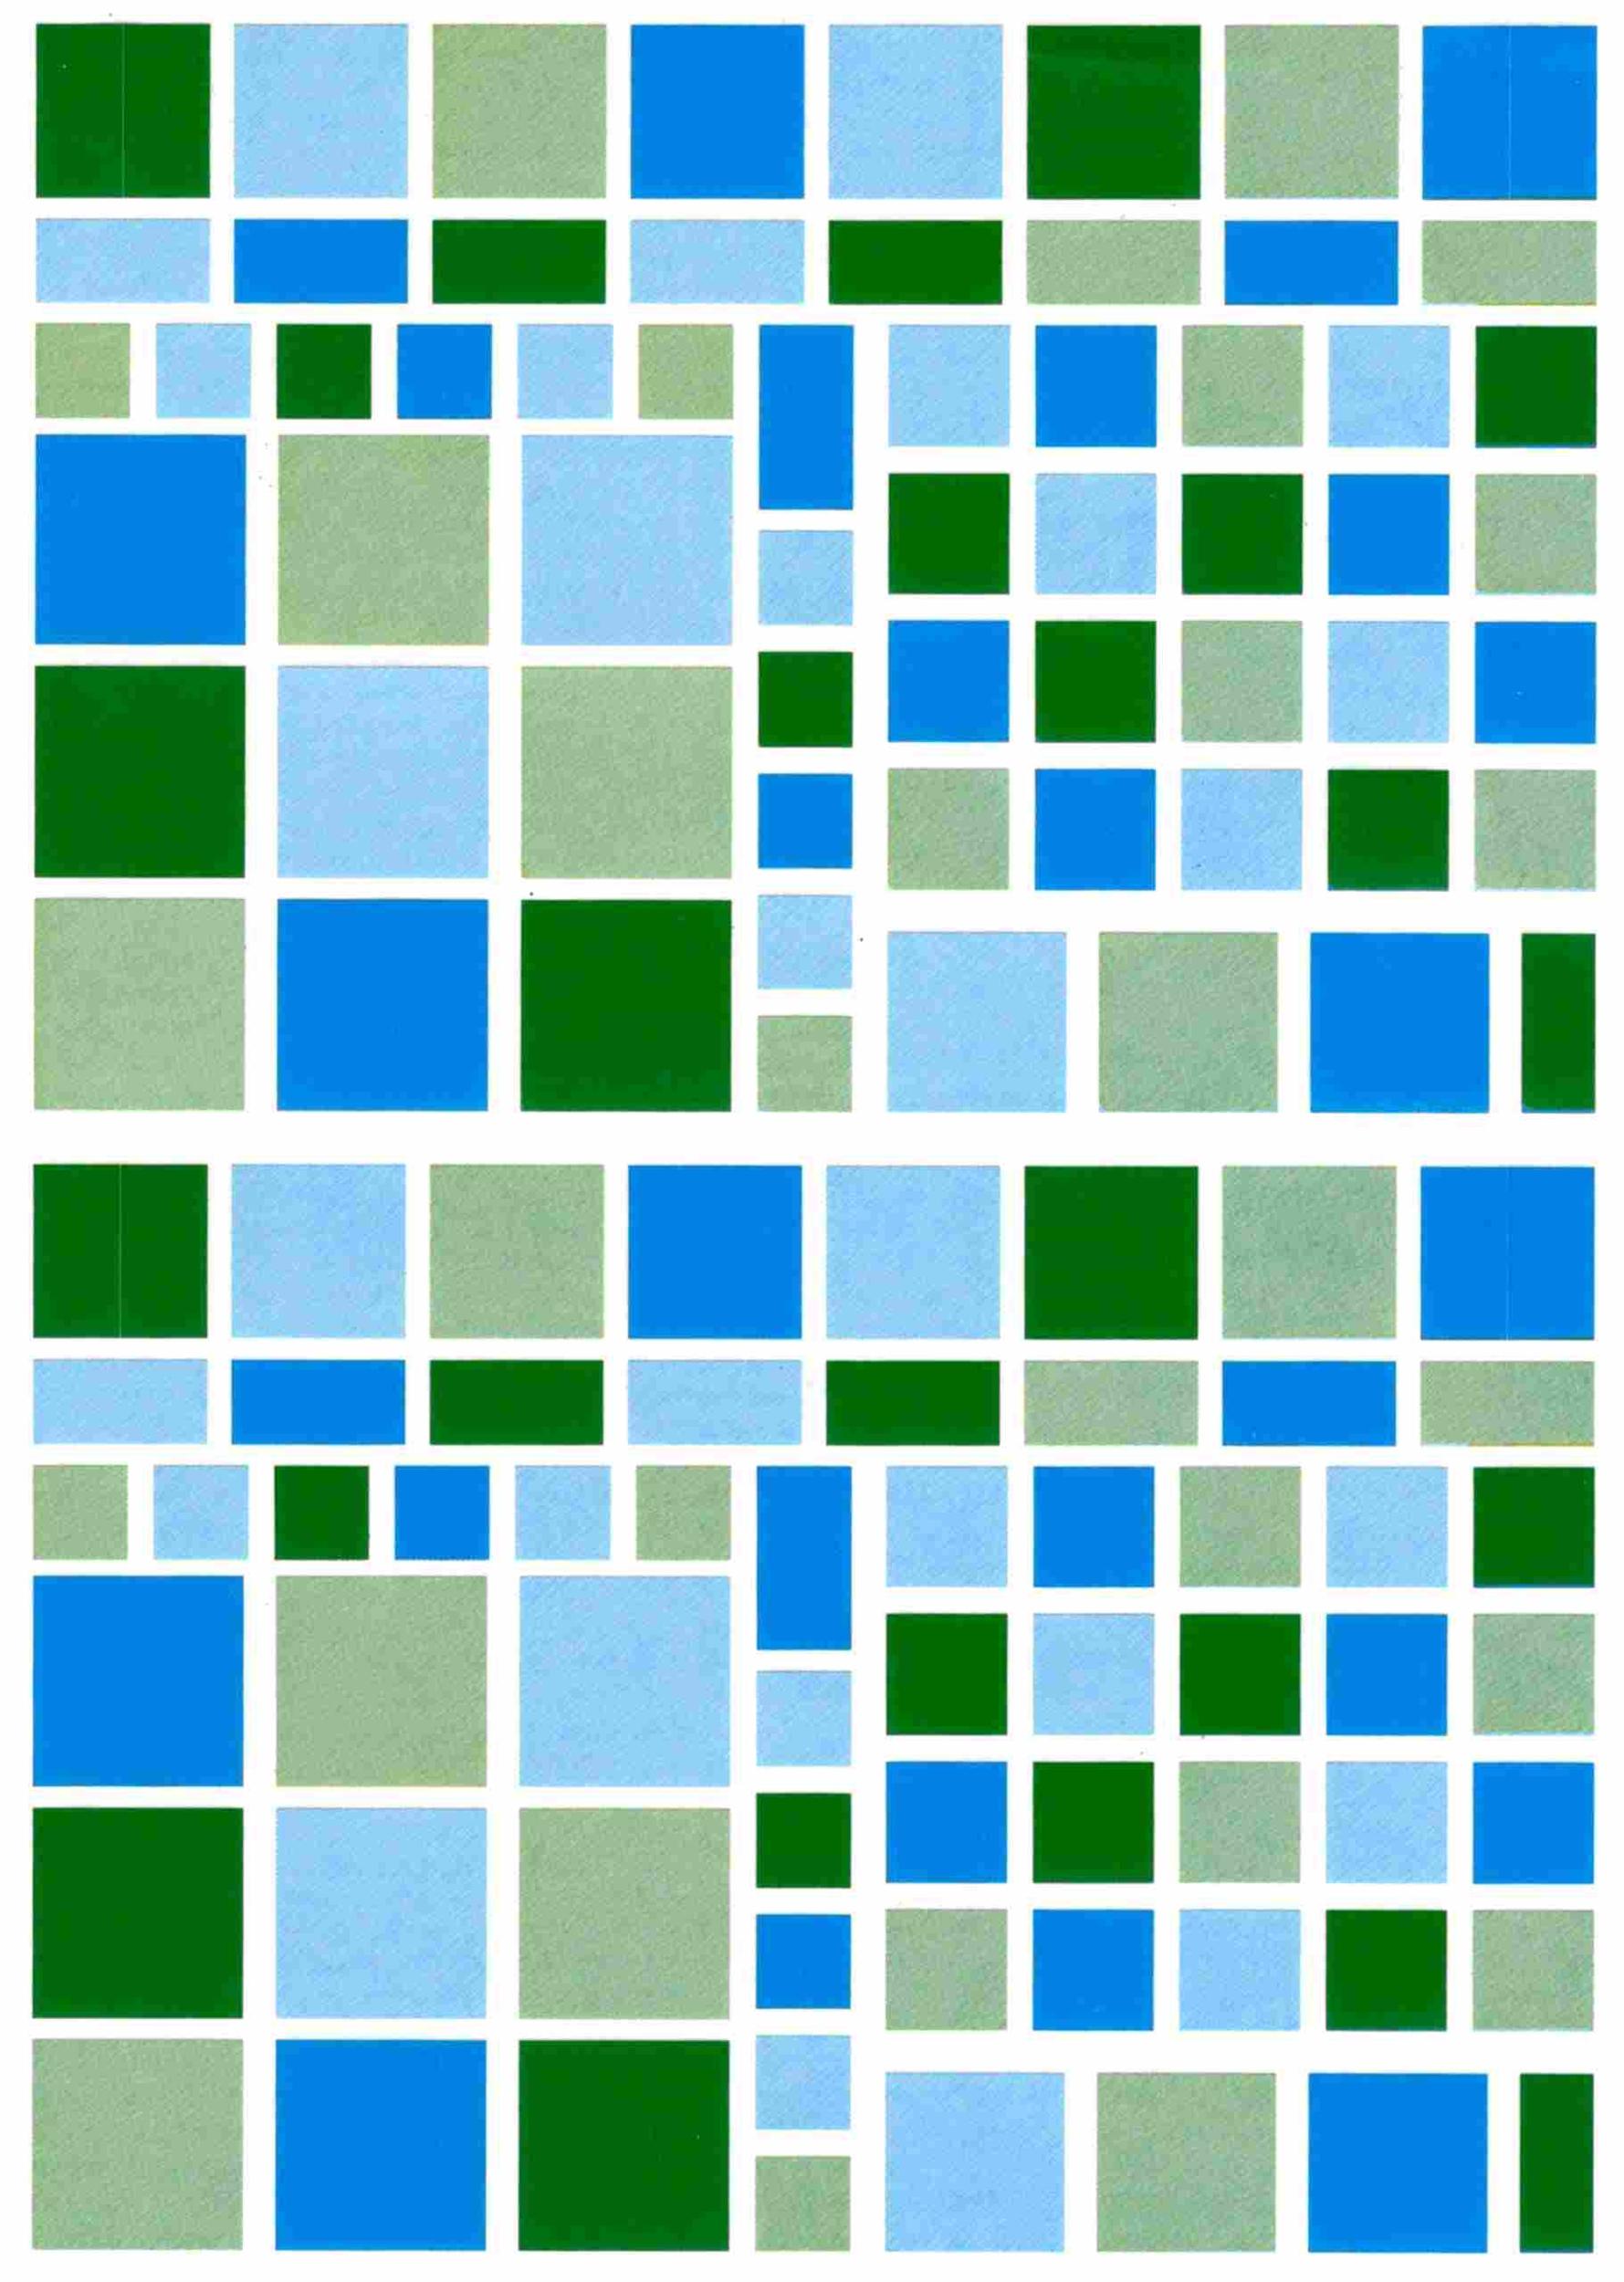 104 gommettes mosaique bleu vert